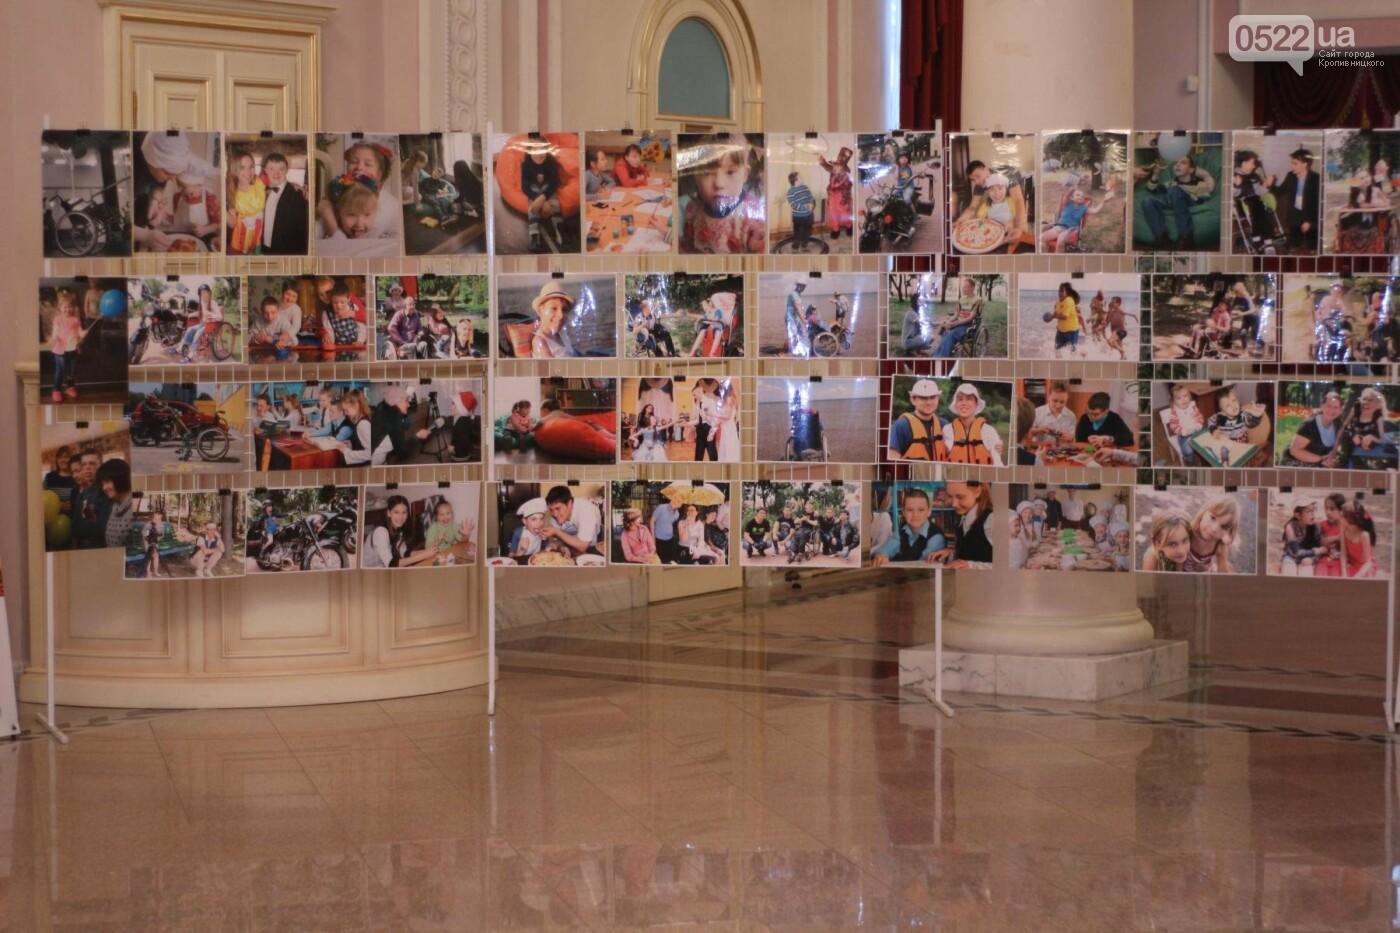 Урочистості до Міжнародного дня людей з інвалідністю відбулися у Кропивницькому, фото-42